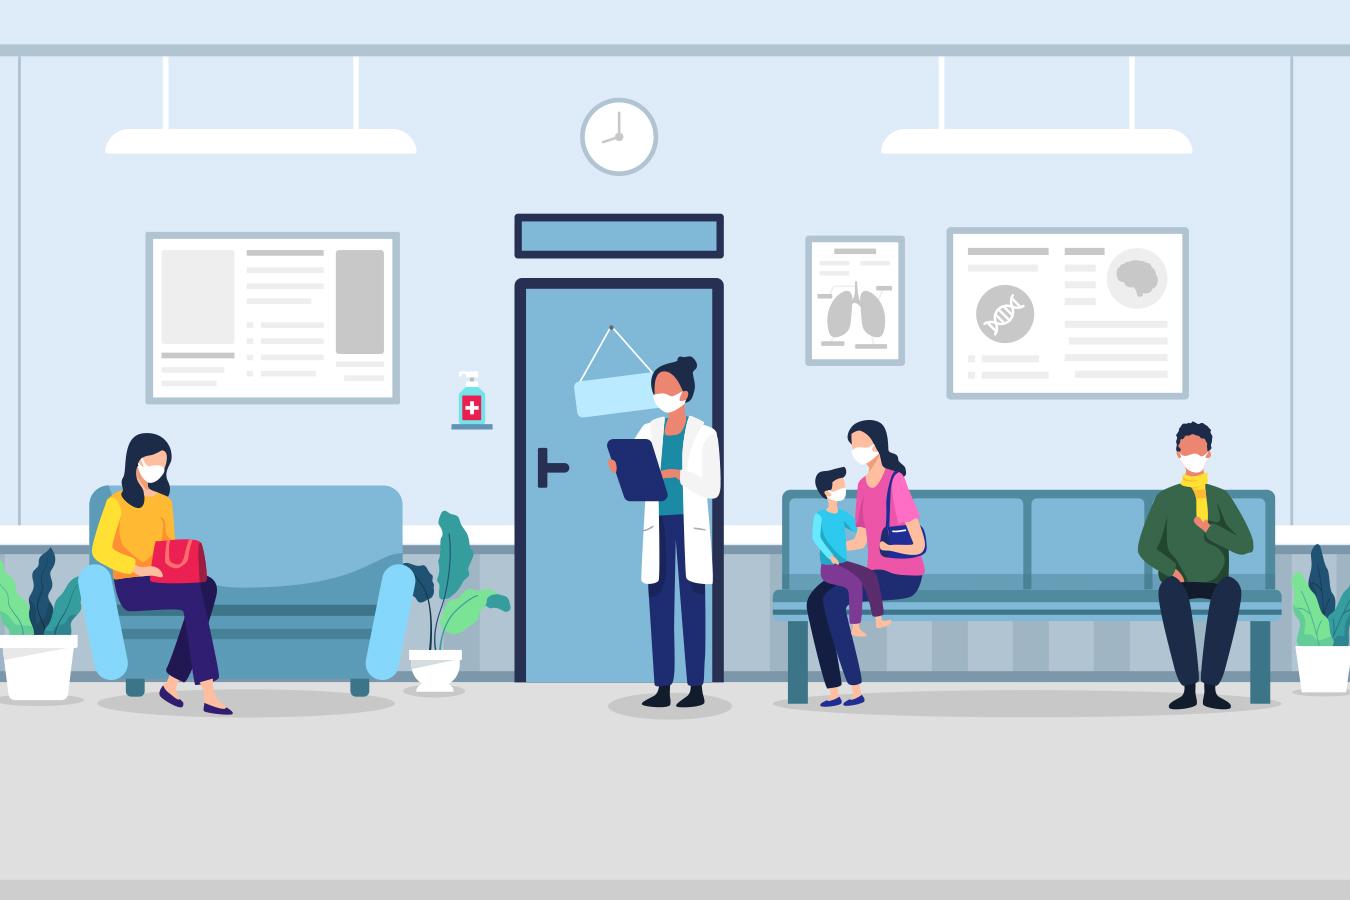 Pandemia eleva el número de beneficiarios de Medicaid a más de 80 millones